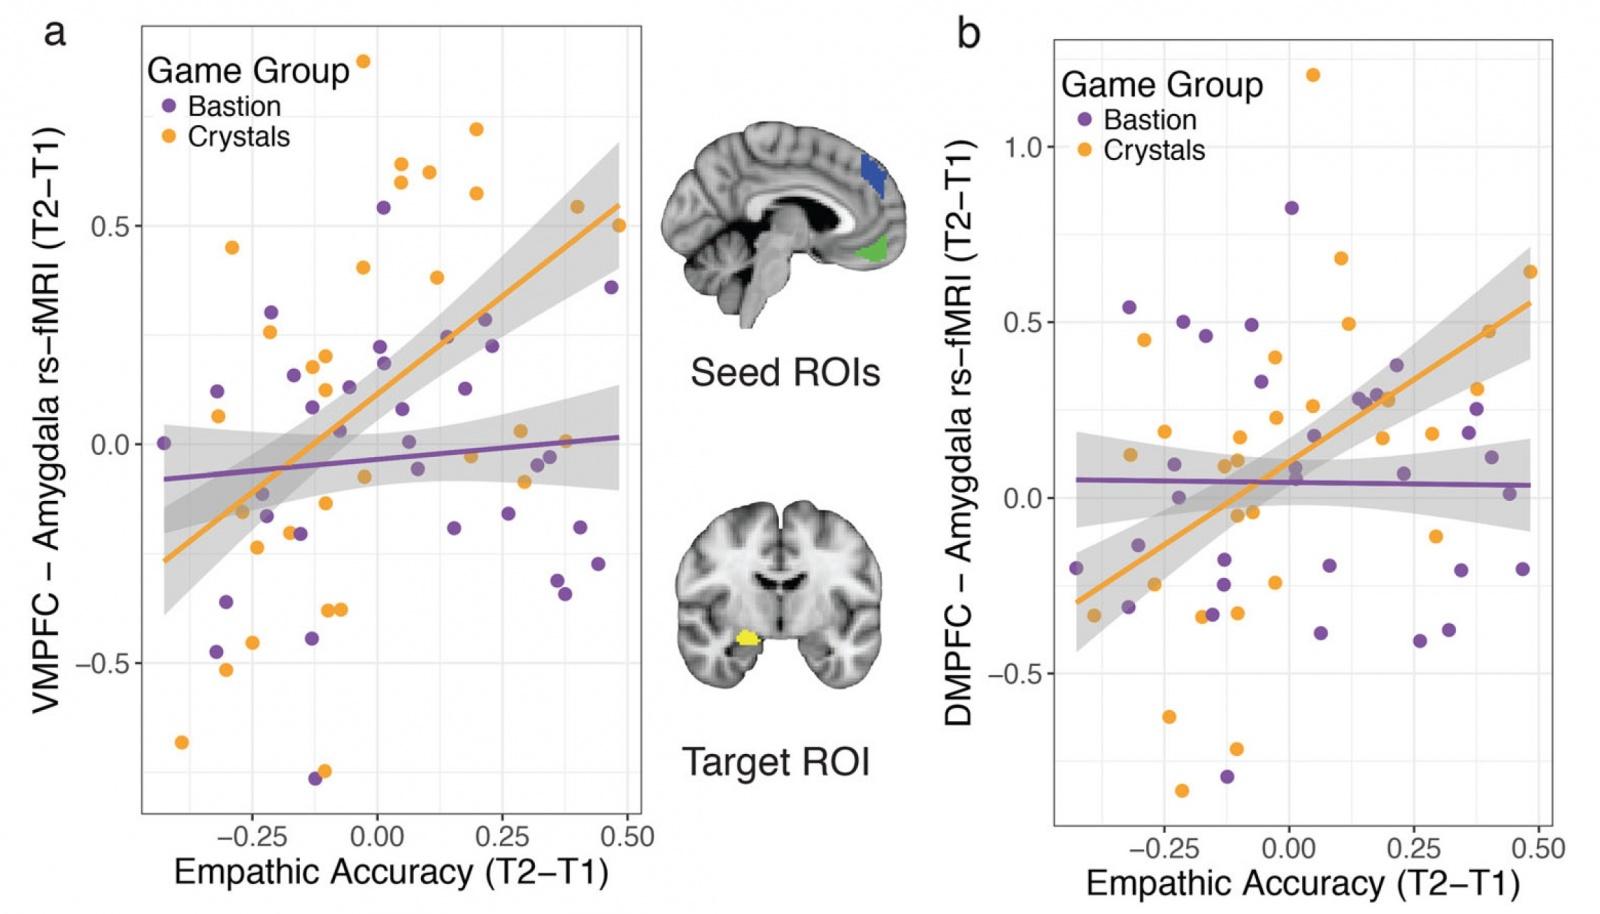 Тренировка эмпатии: стимуляция нейронных связей мозга посредством видеоигры - 8